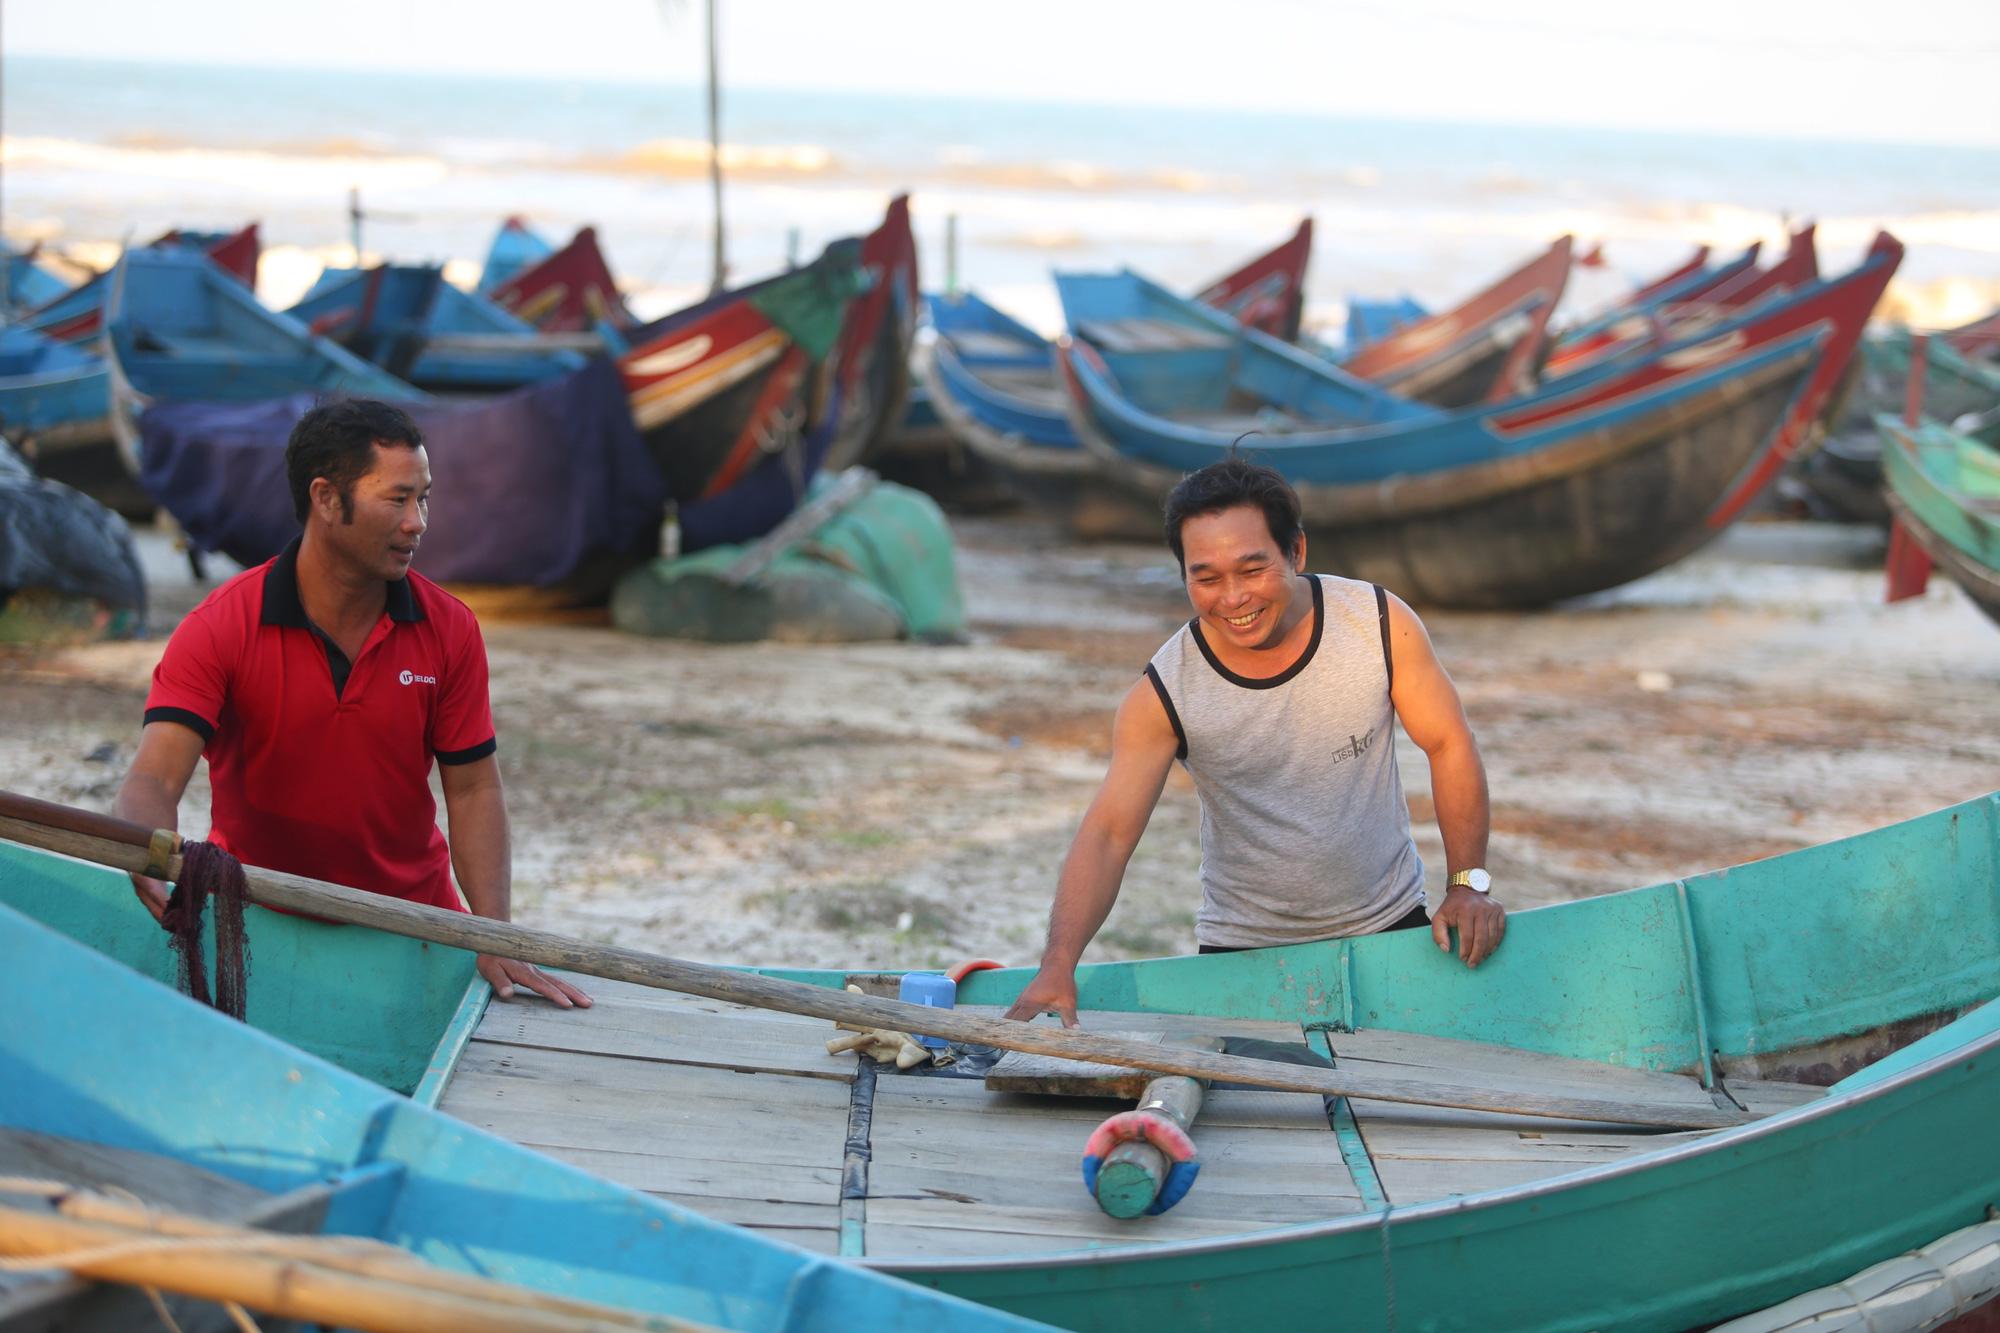 Chuyện lạ chưa từng có trong lũ lịch sử ở Quảng Bình: Thuyền đi biển lên đồng bằng cứu nạn - Ảnh 7.